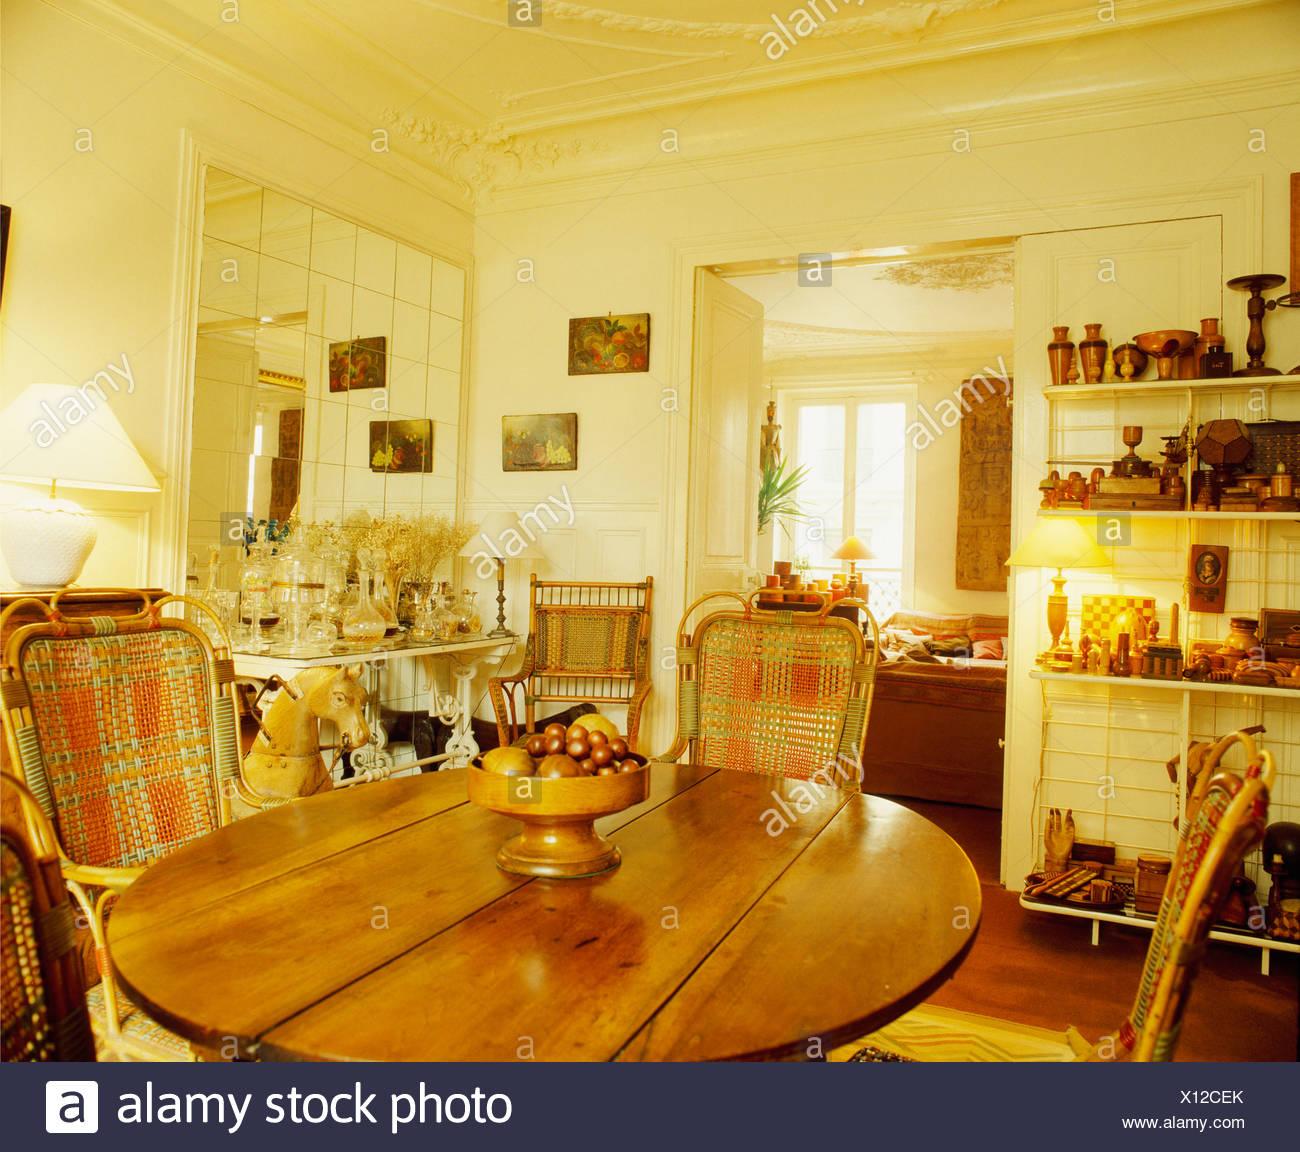 Rohrstuhlen Und Kreisformige Kiefer Tisch In Creme Speisesaal Mit